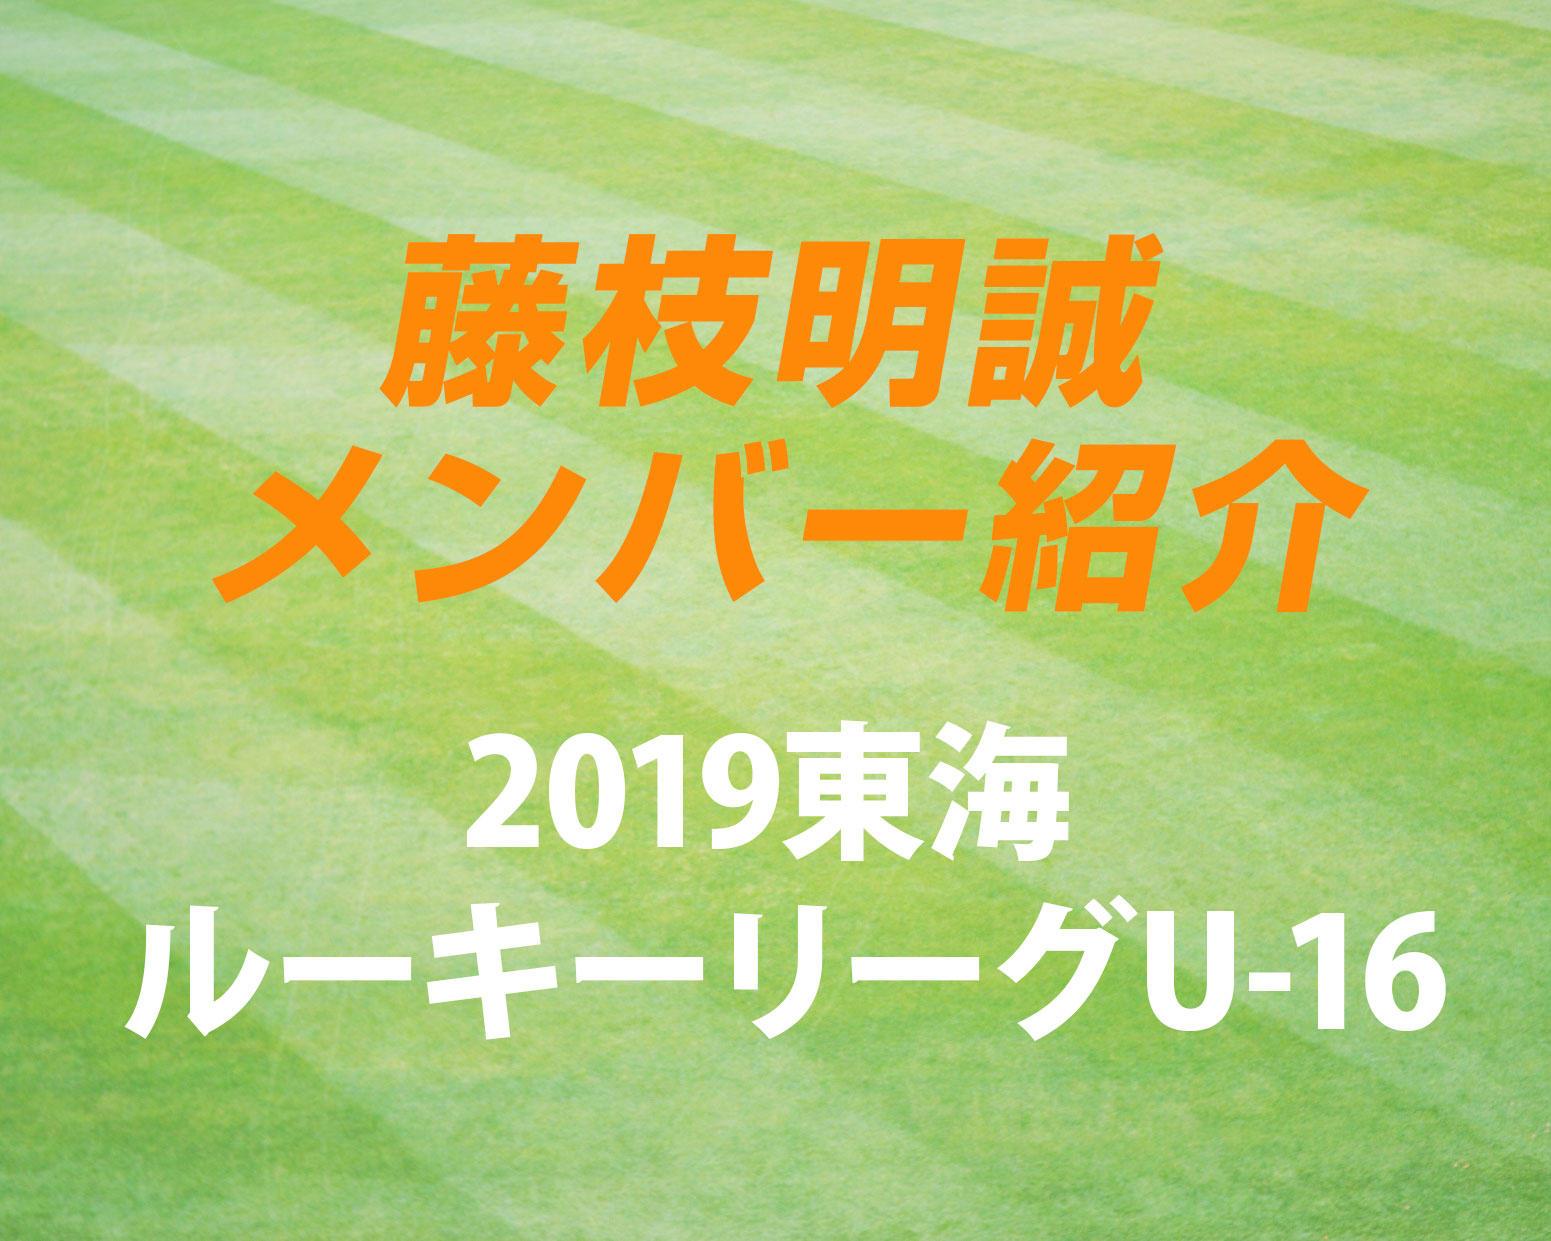 静岡の強豪・藤枝明誠高校サッカー部のメンバー紹介!(2019 東海ルーキーリーグU-16)